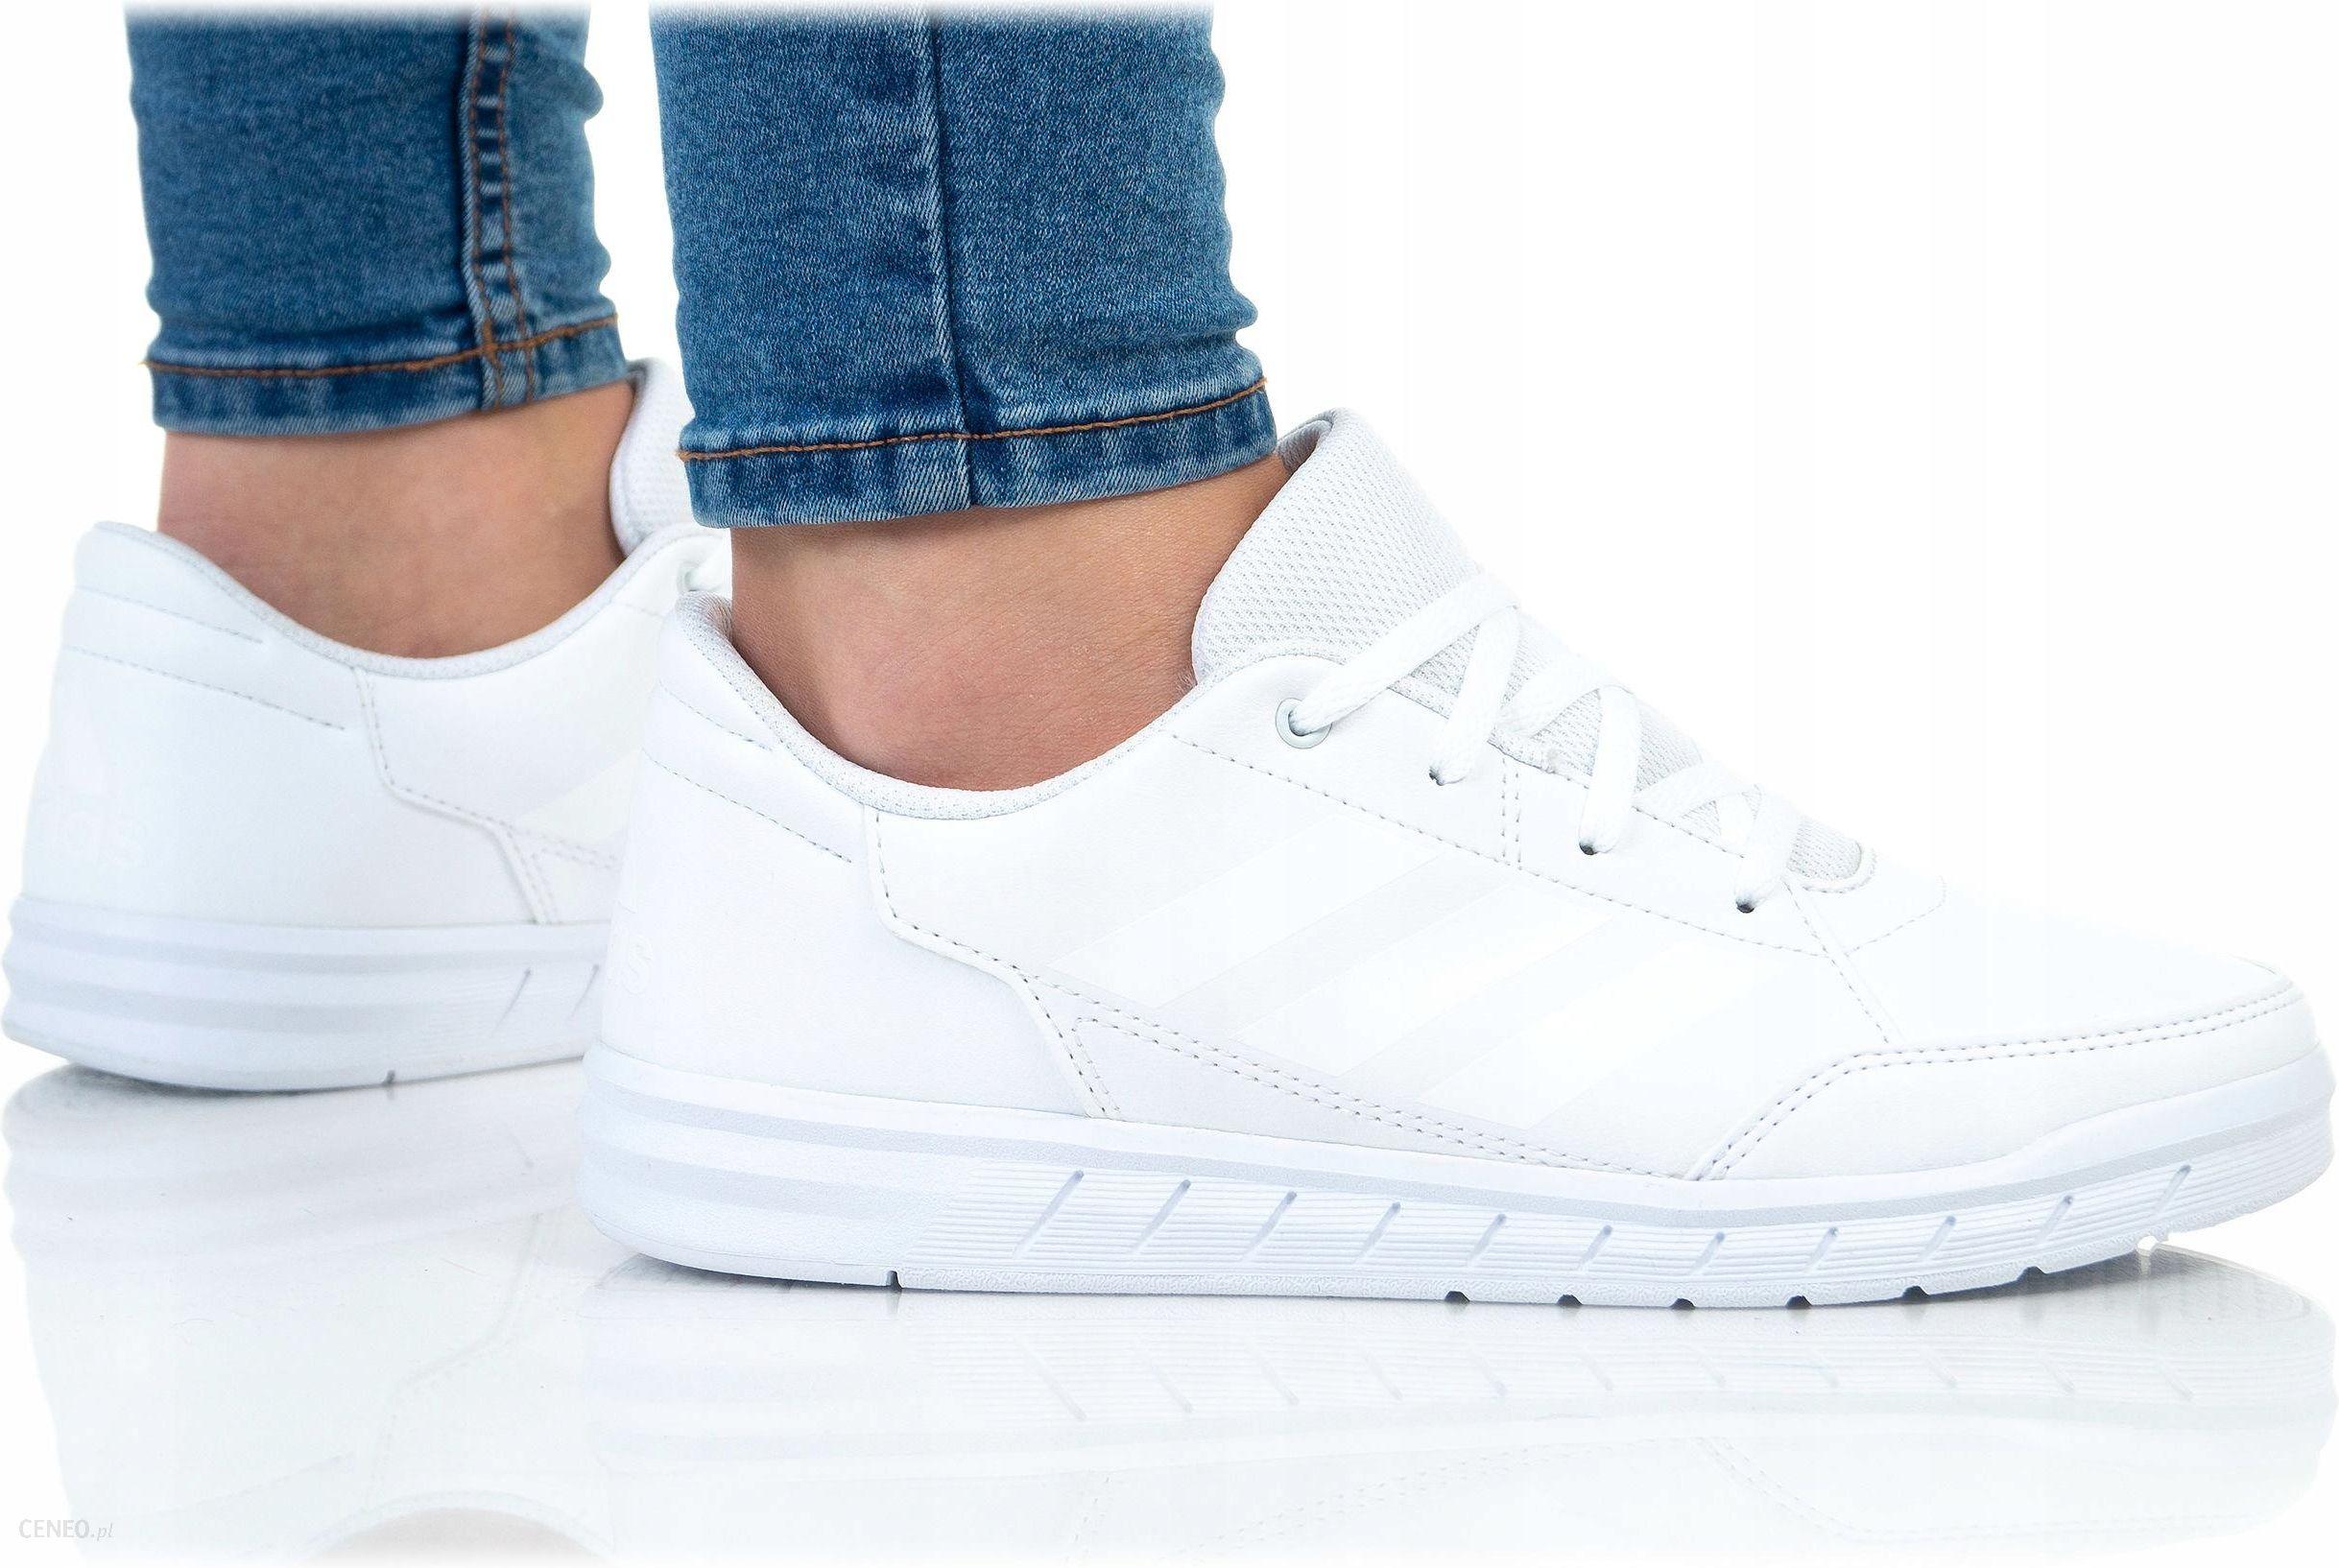 zamówienie online San Francisco gładki Buty Adidas Damskie Altasport K D96874 Białe - Ceny i opinie - Ceneo.pl